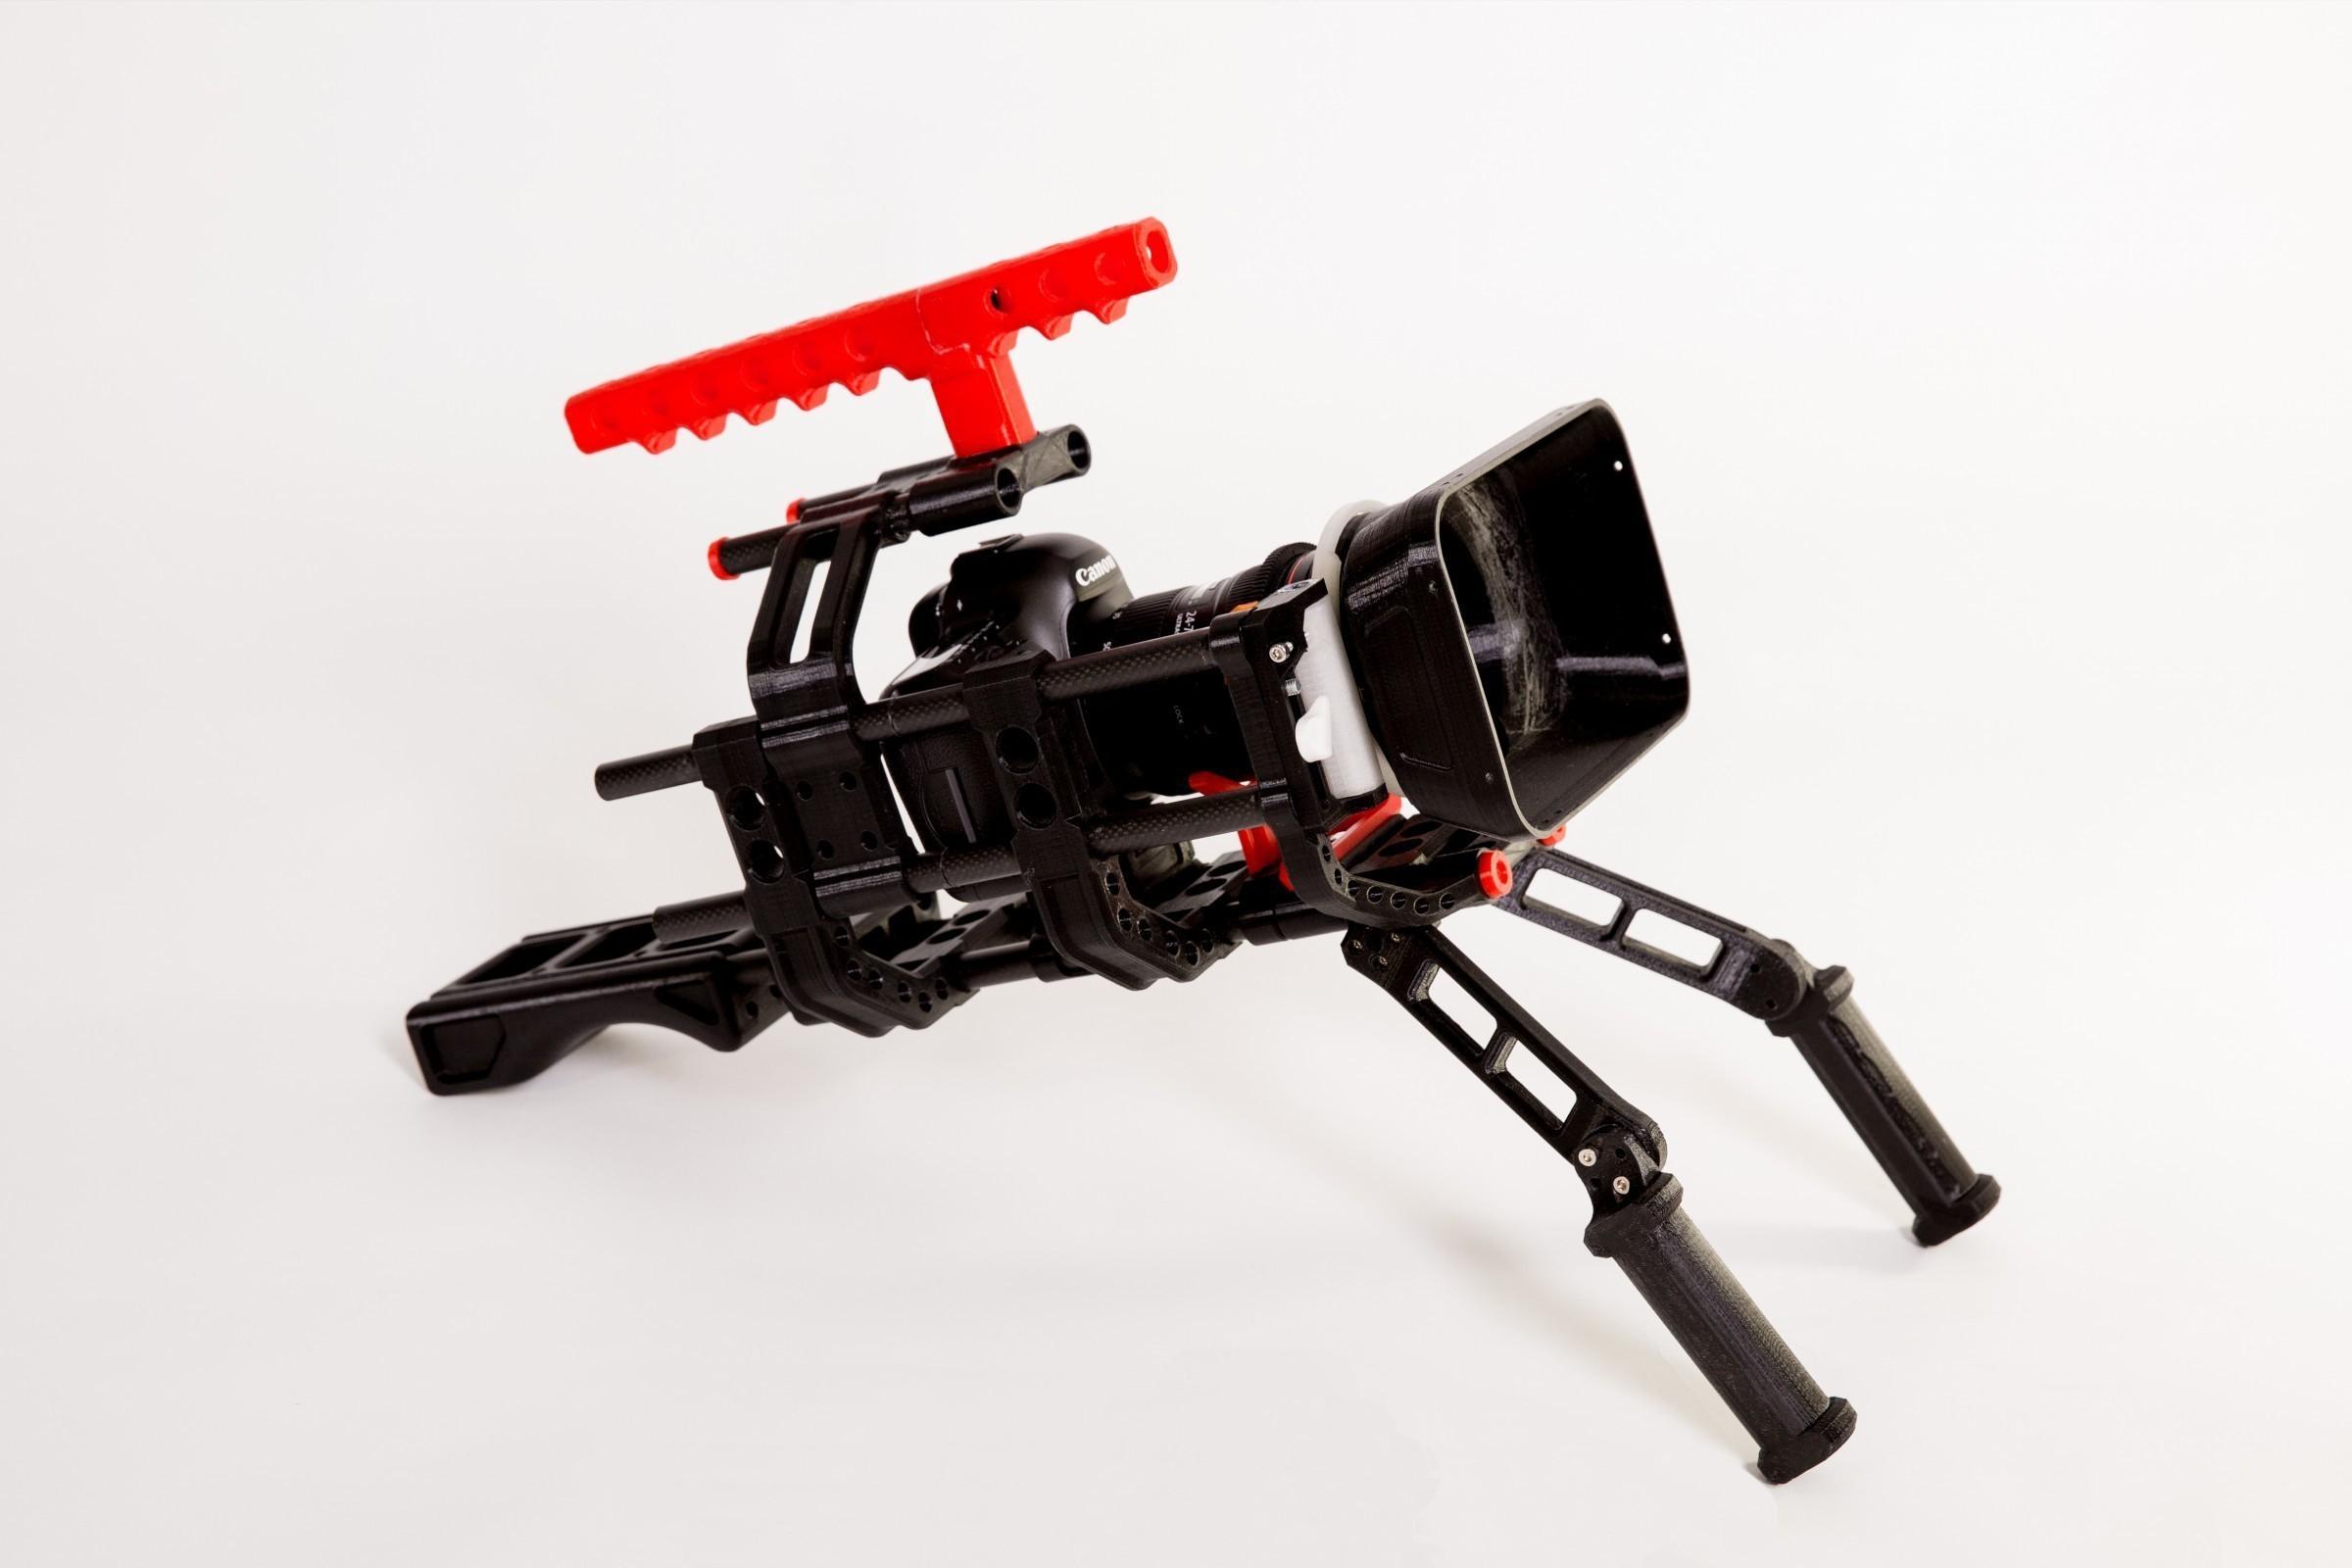 格式工厂_W4A9884.jpg Download free STL file 3D print shoulder rig V2.0 • 3D printer design, SWANGLEI